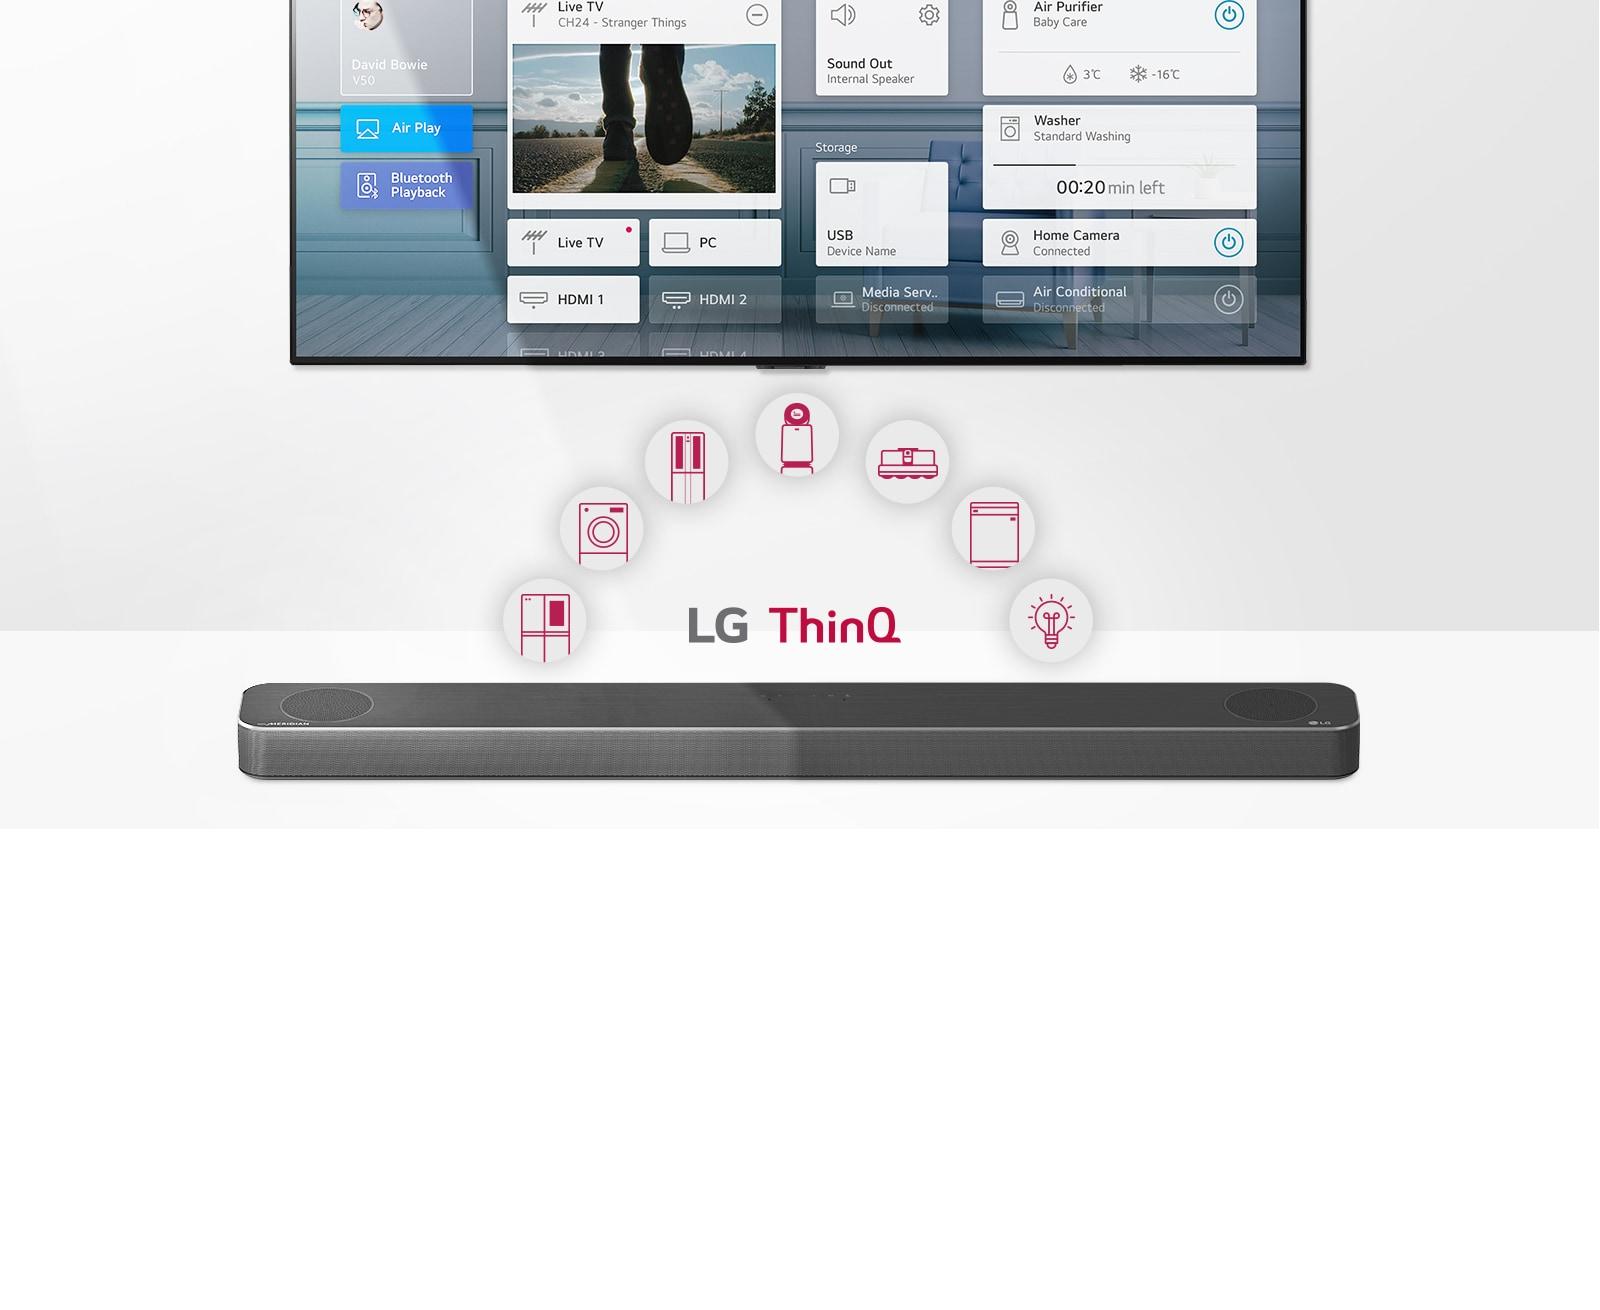 TV treo trên tường. Loa thanh LG đặt bên dưới TV. Logo LG ThinQ và các biểu tượng đồ gia dụng được hiển thị ở giữa TV và Loa thanh LG.